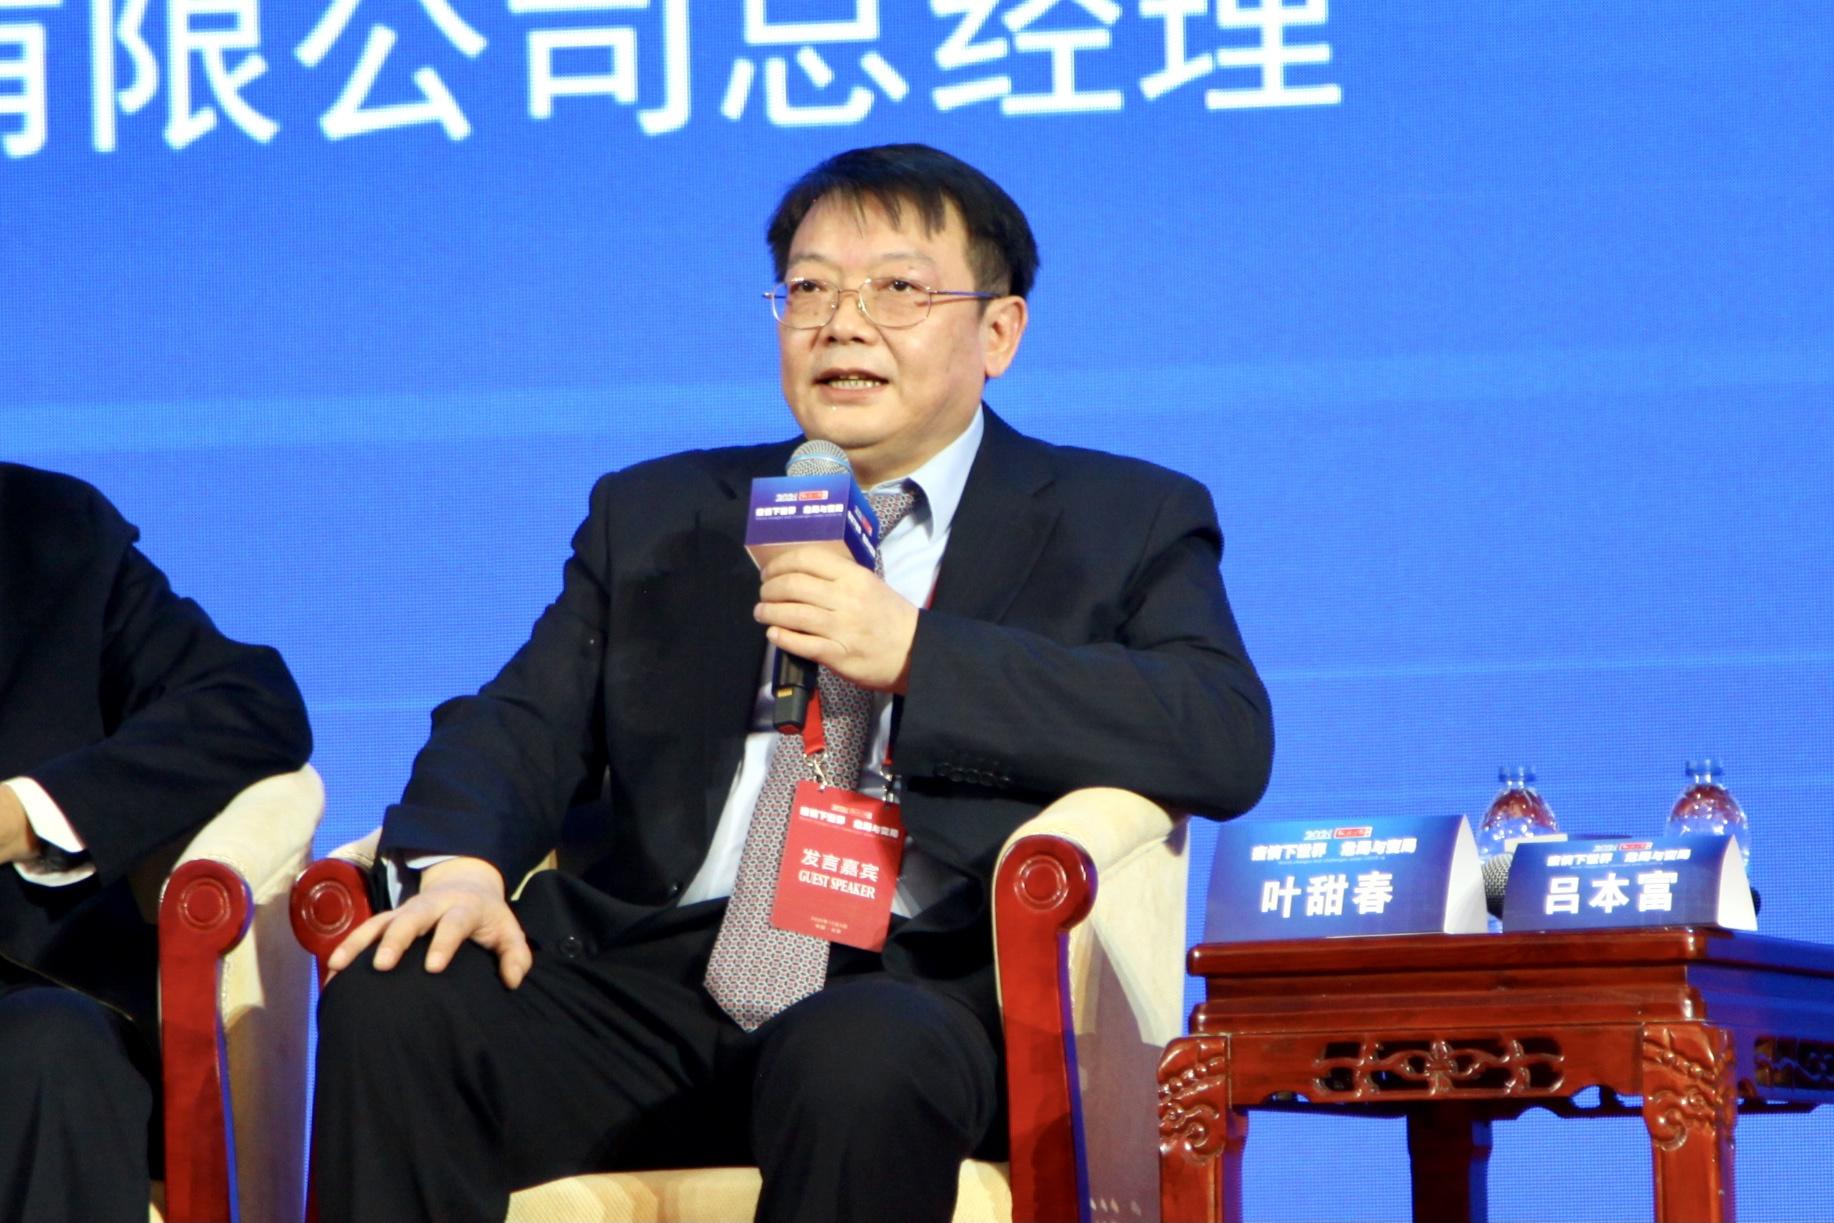 叶甜春:面对竞争,中国或许可以着手建立一个全球合作新生态图片